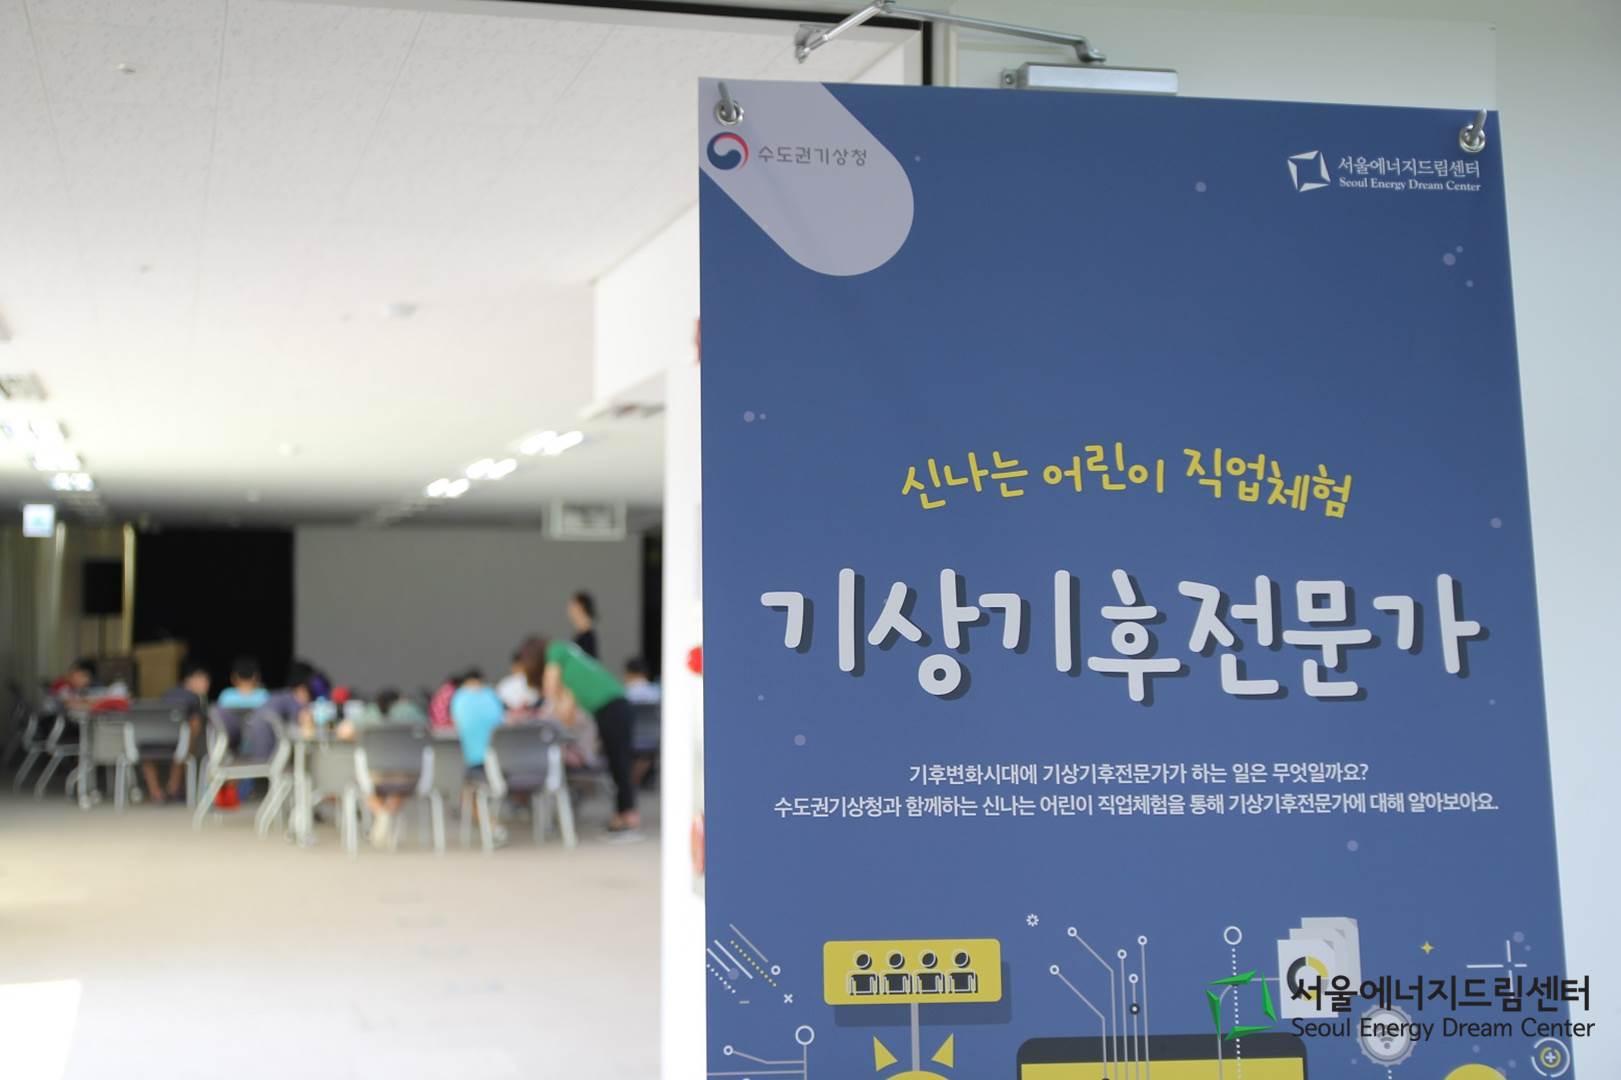 [리뷰] 2018 여름방학특강 신나는 어린이 직업체험